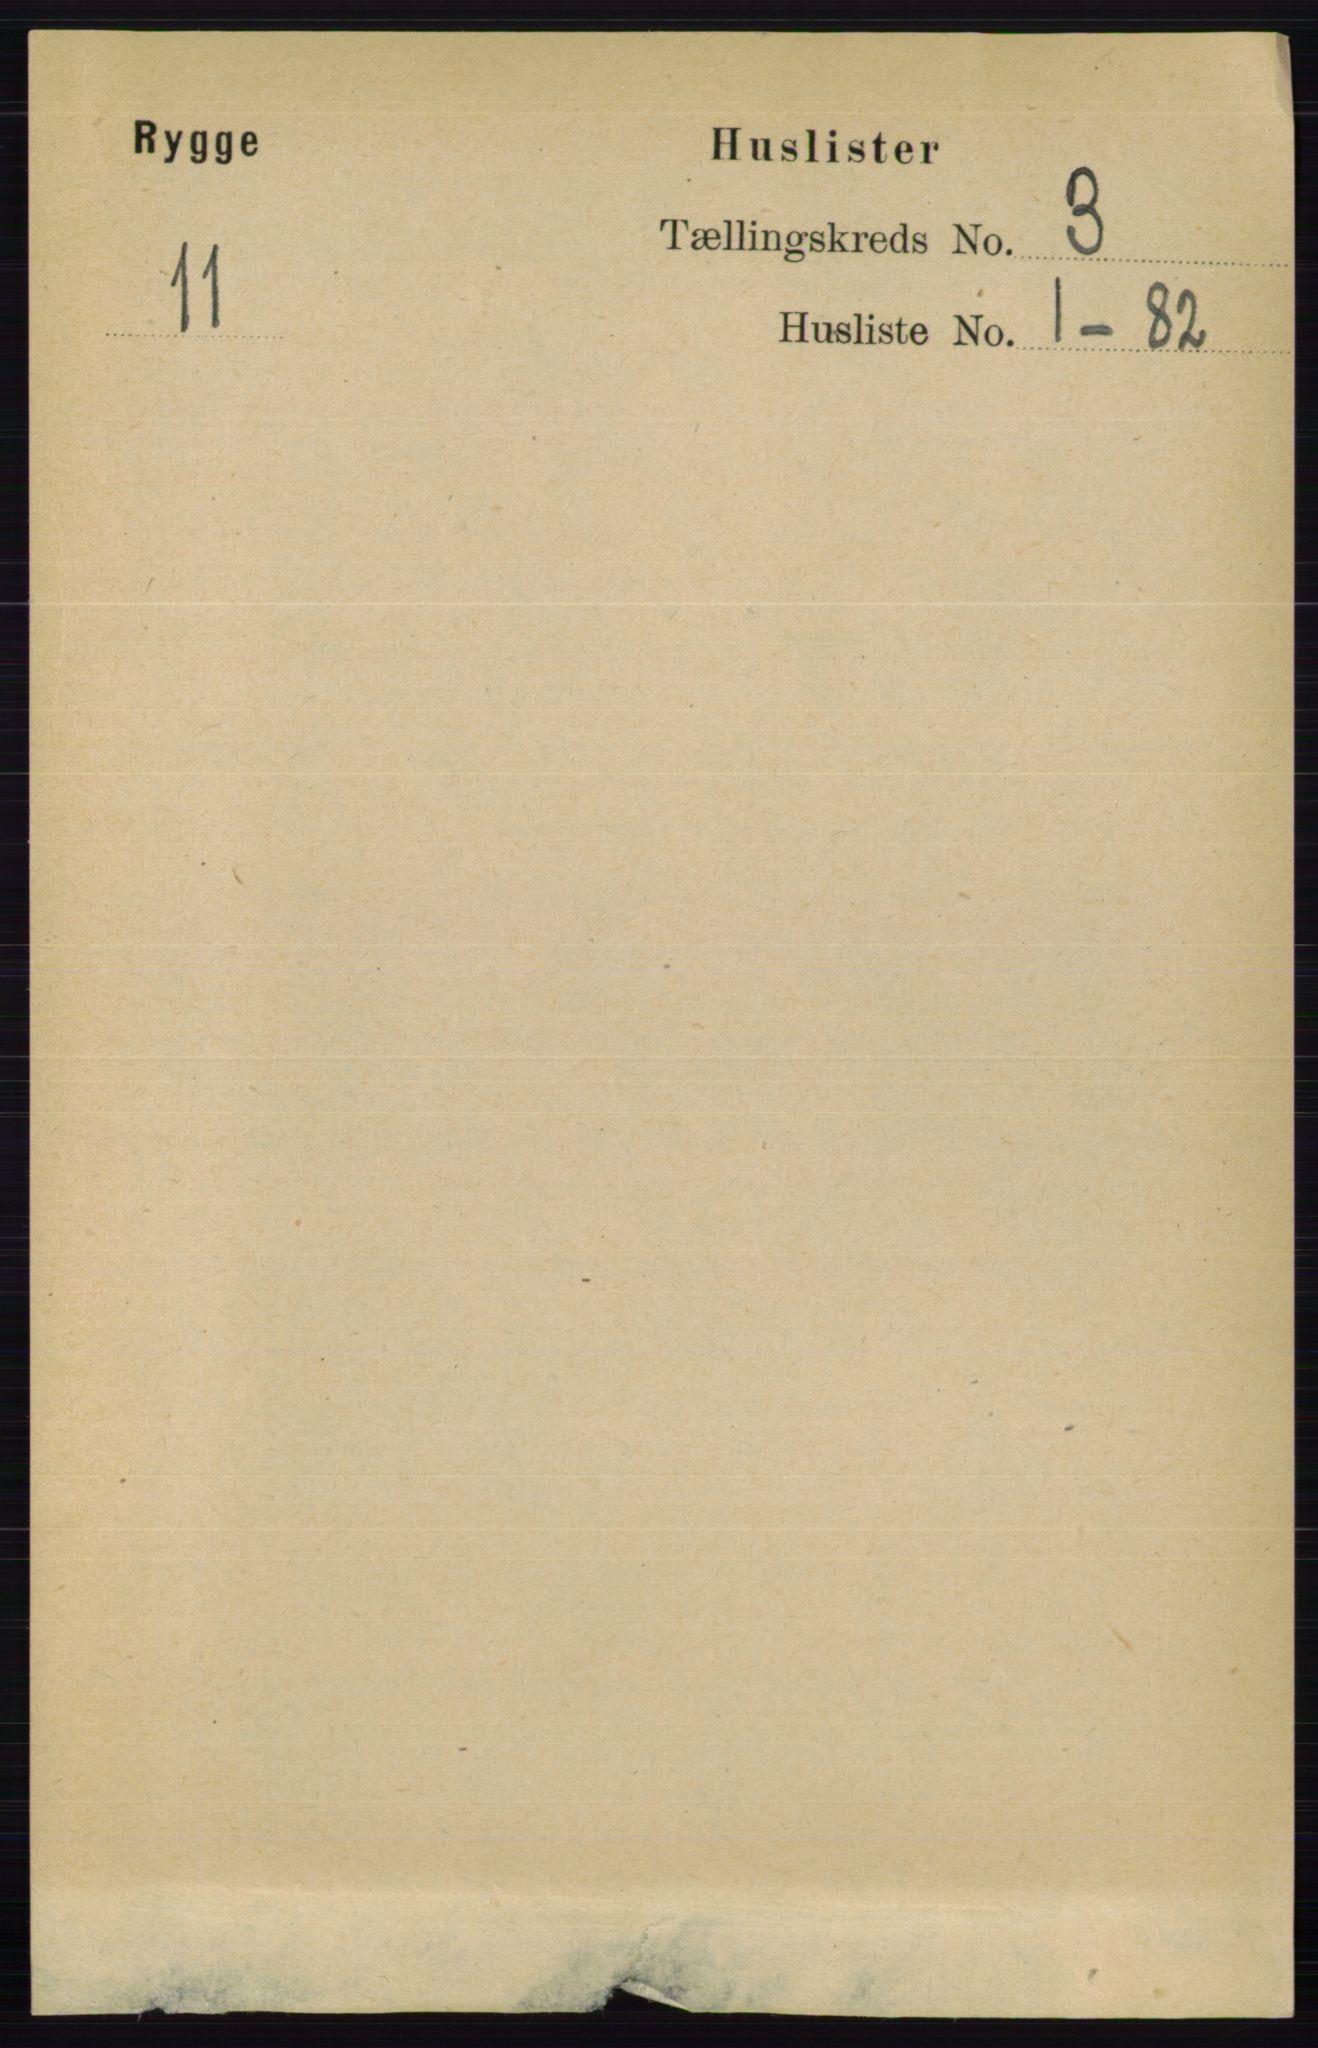 RA, Folketelling 1891 for 0136 Rygge herred, 1891, s. 1582